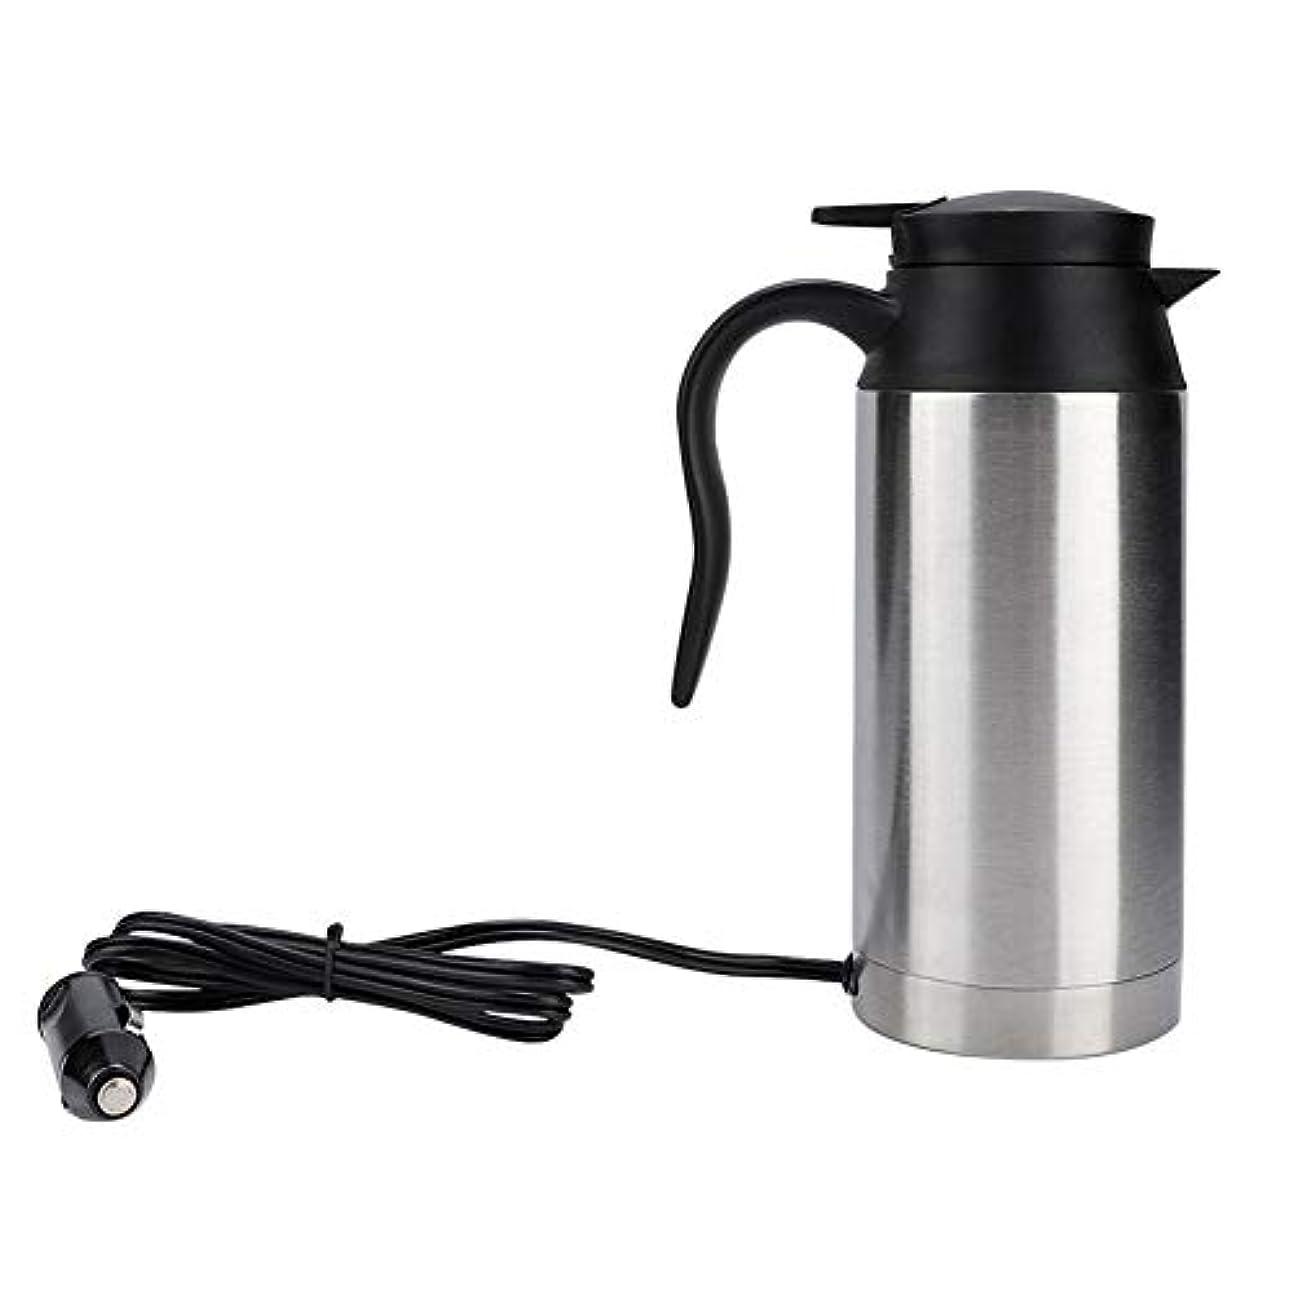 バン驚いたことに勤勉な電気湯沸かし器、 750MLステンレス鋼車電熱マグ 温度制御付きポータブル電気温水ケトル 紅茶/コーヒー用ミニトラベルケトル(24V)